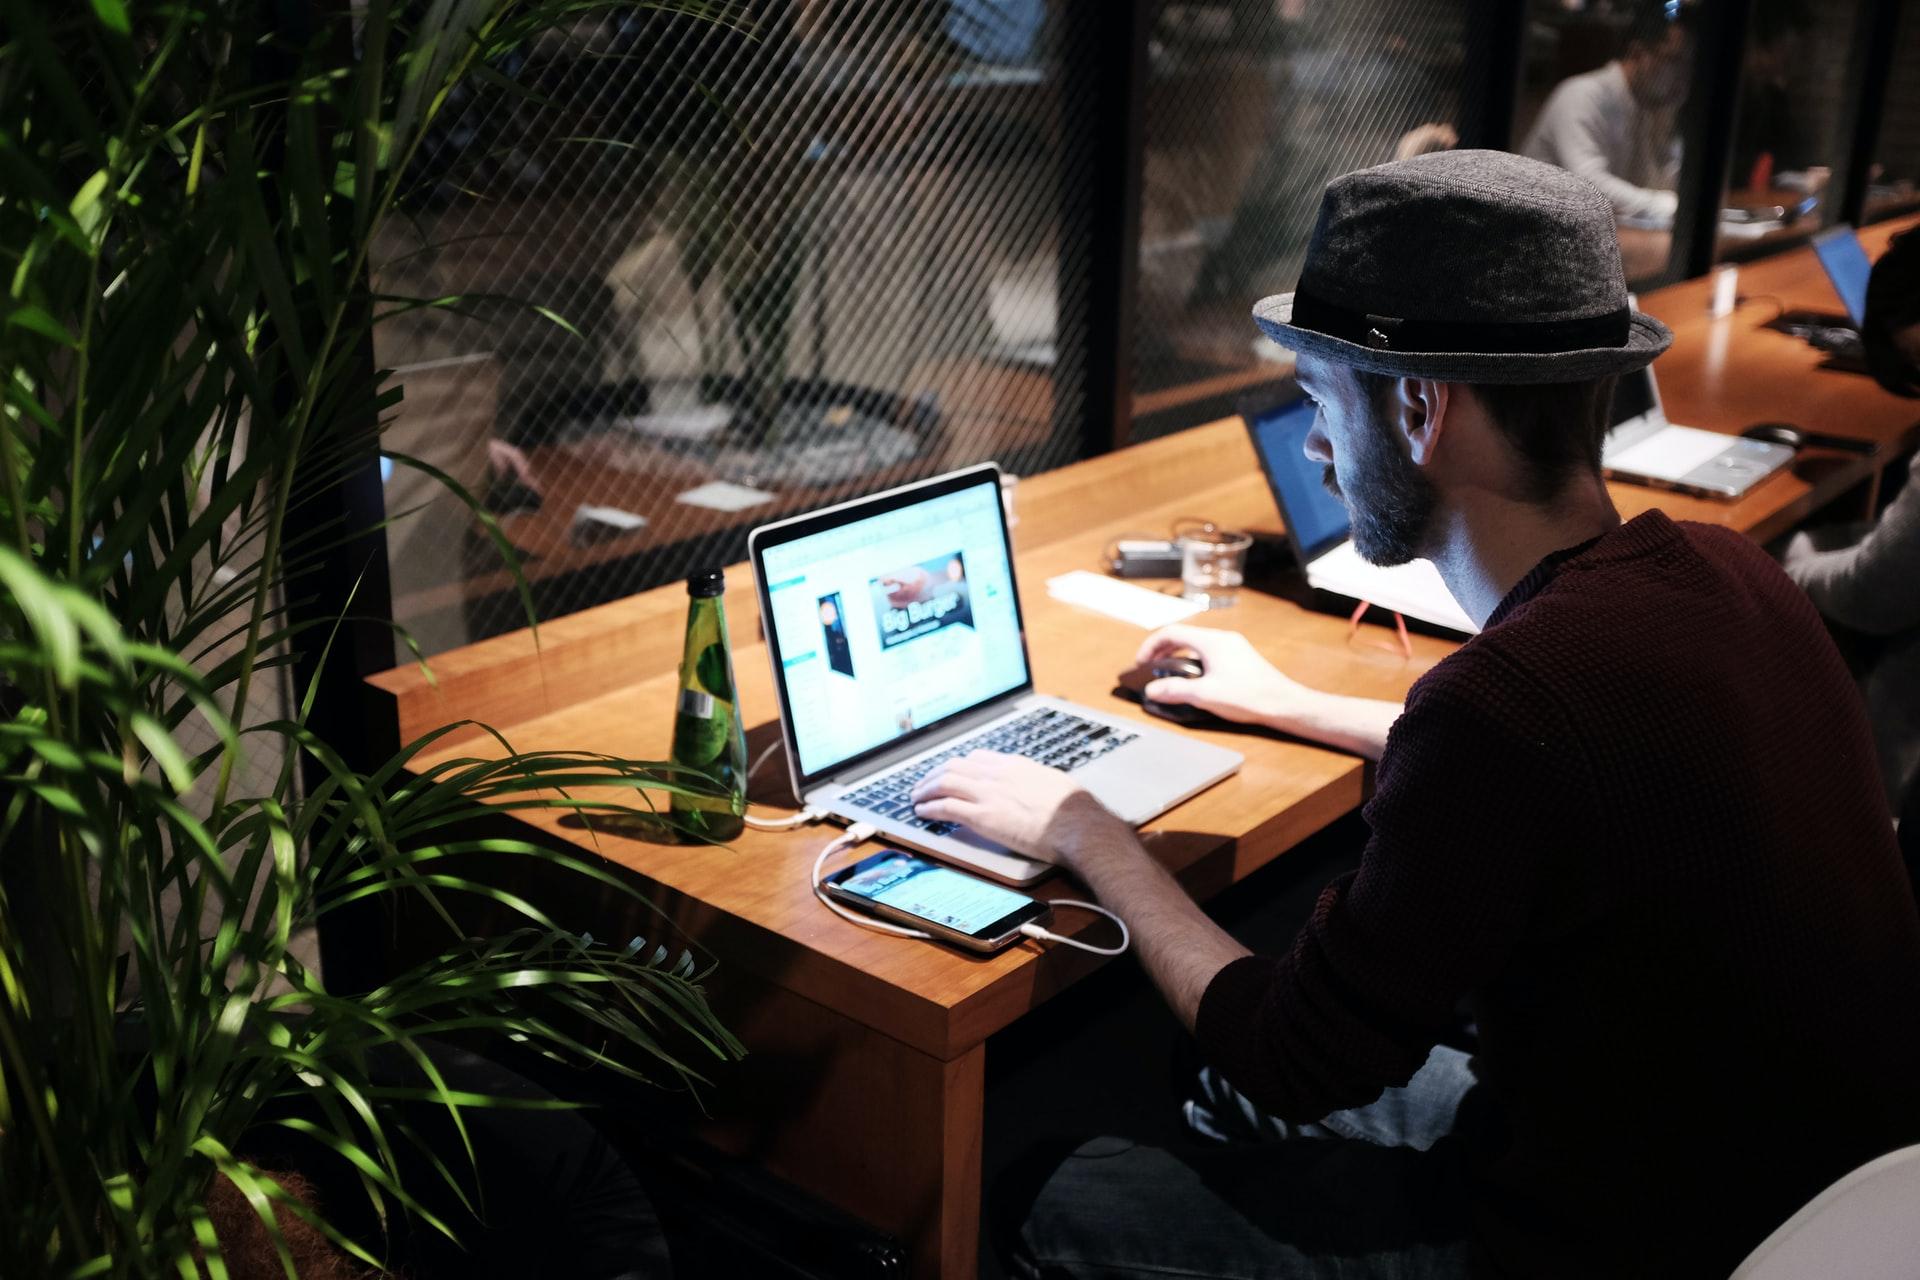 カフェでインターネットをする人